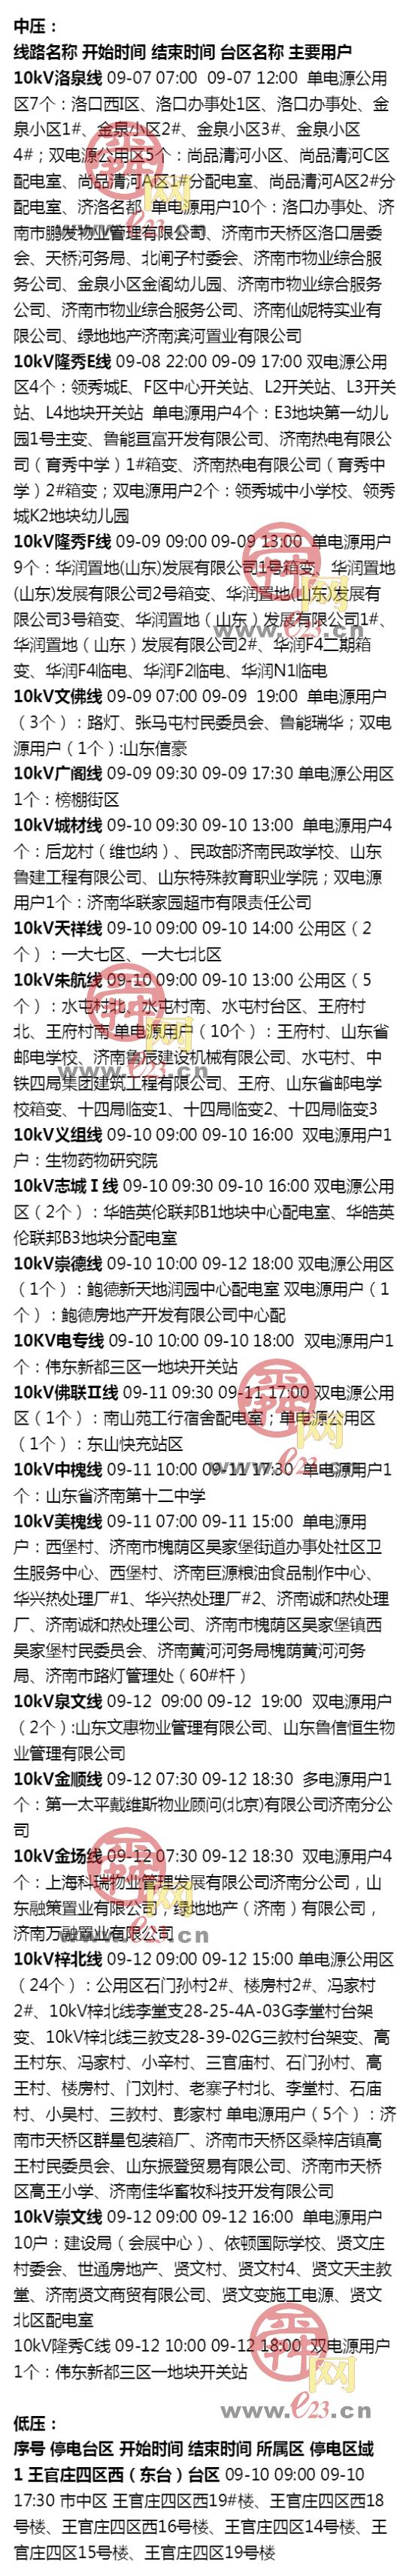 9月7日至9月13日必威betway部分区域电力设备检修通知